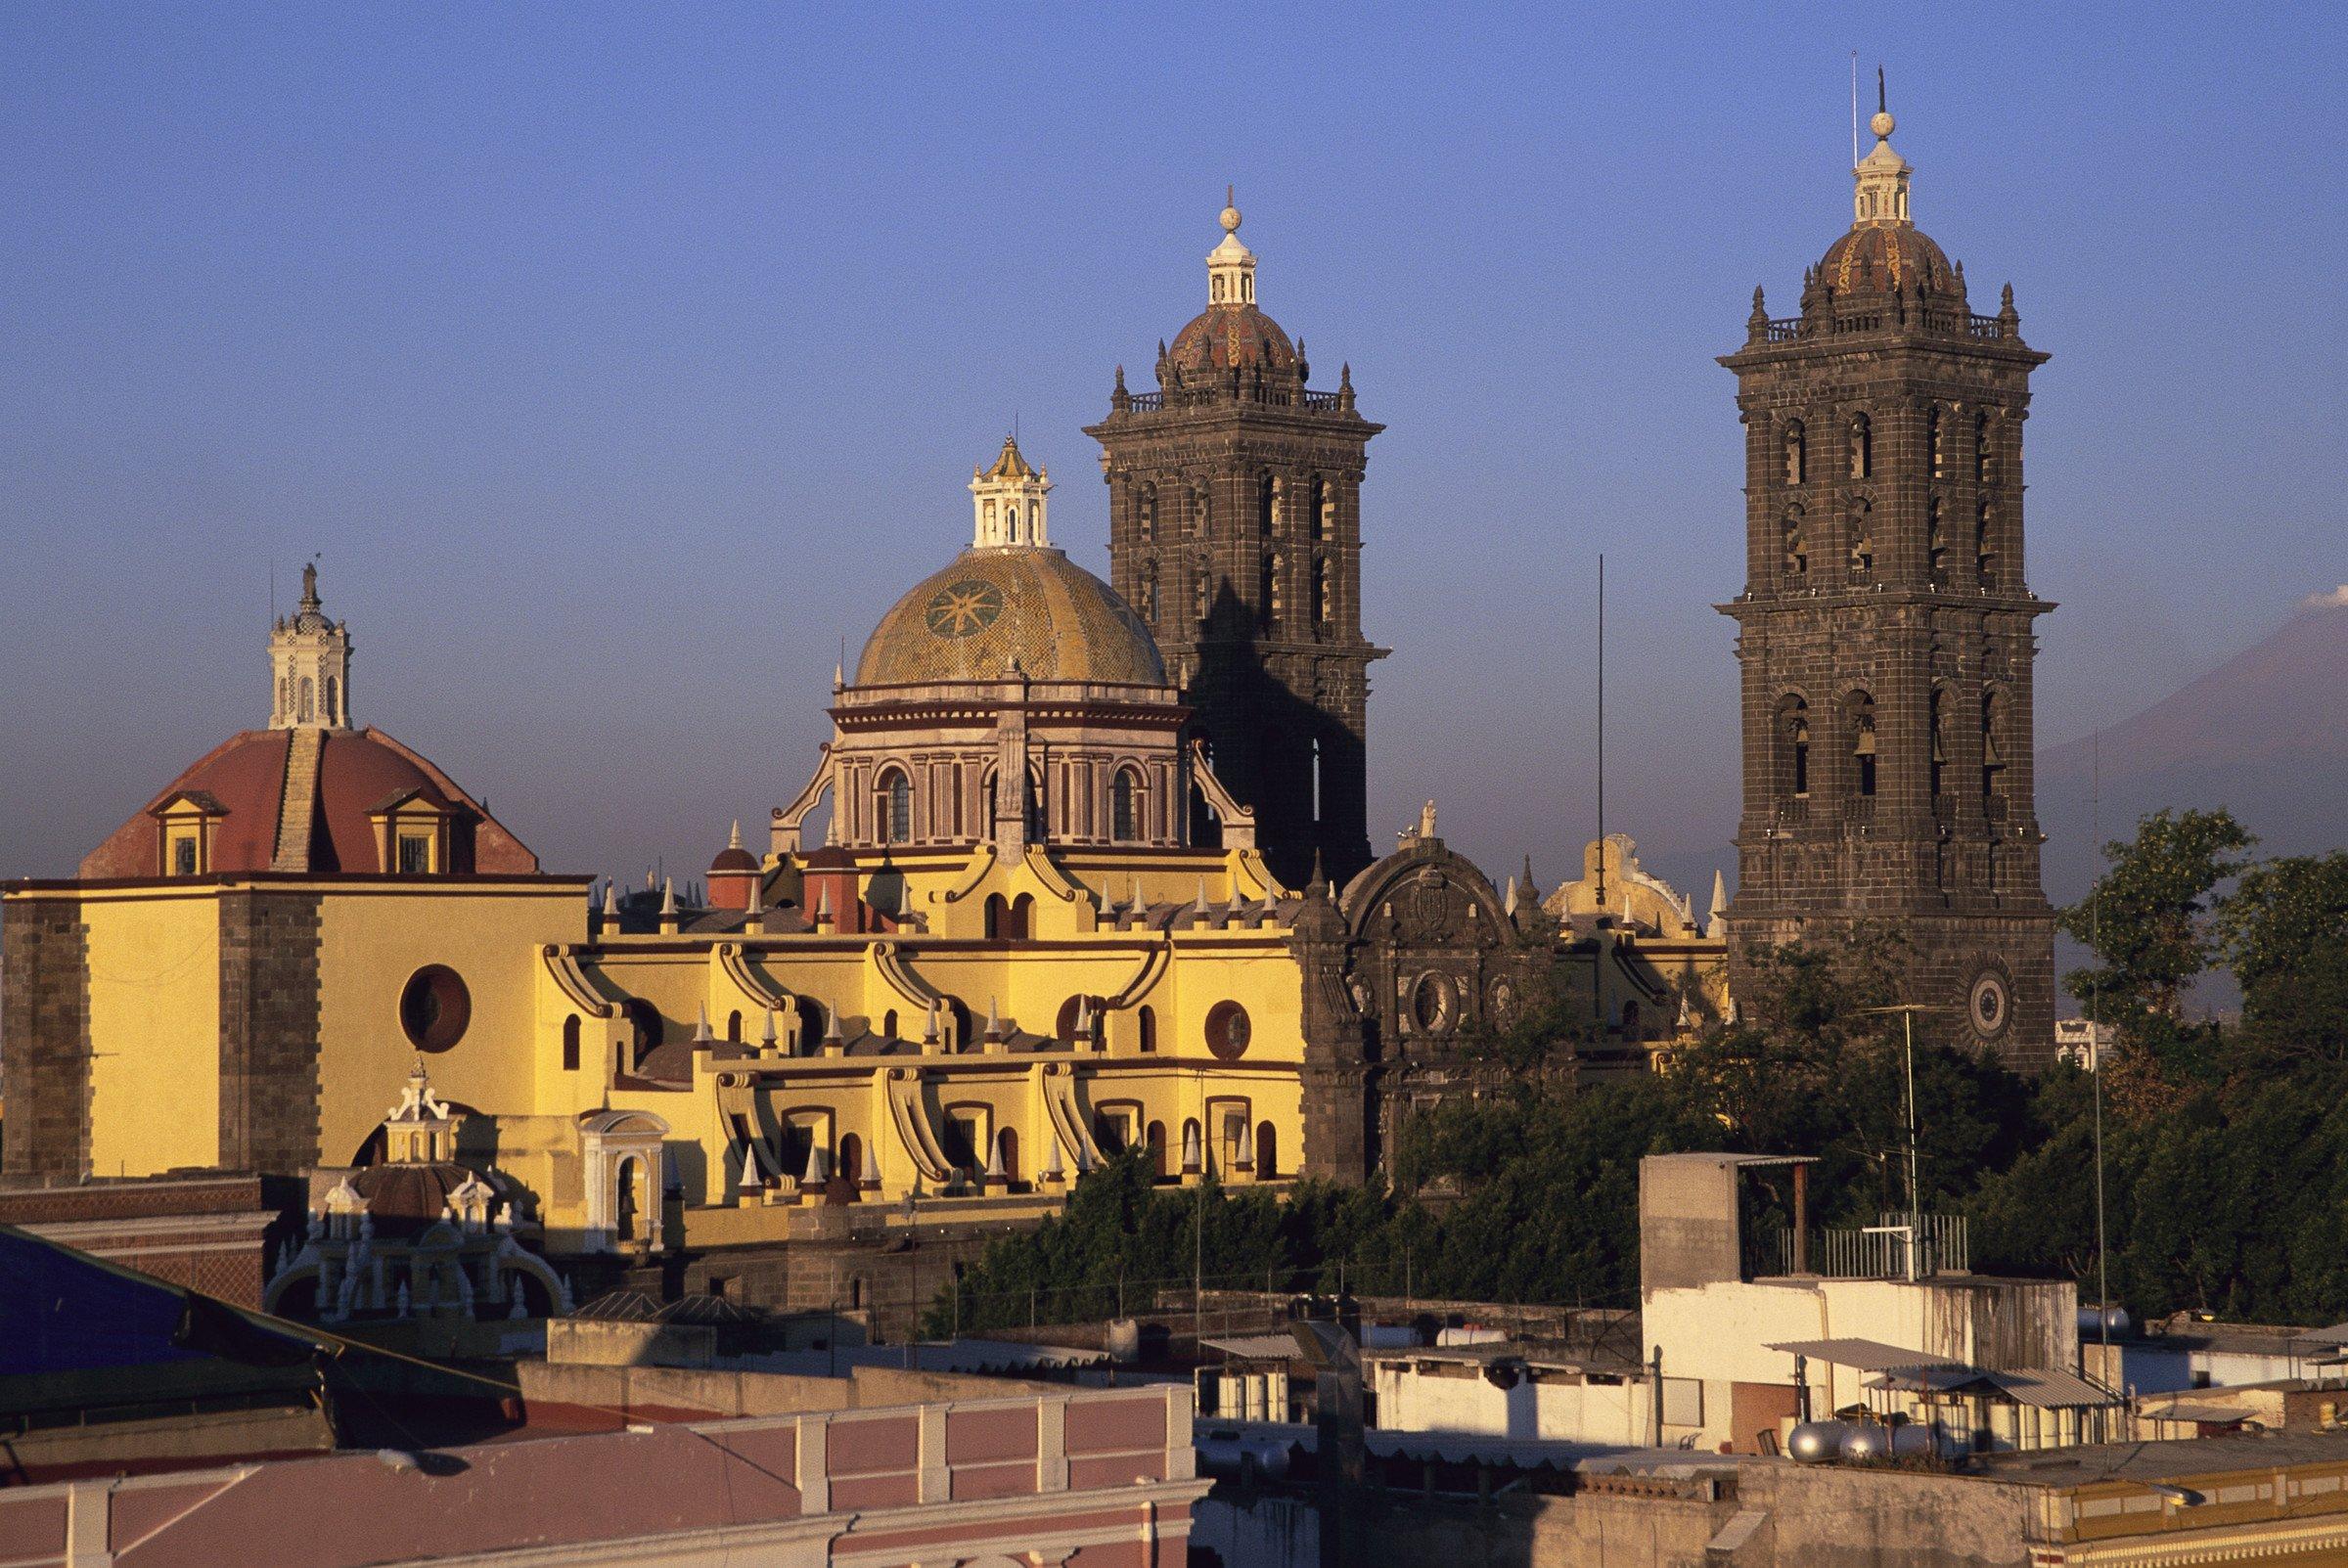 dh013074.jpg?resize=1200,630 - Forbes lista cidades mais legais do mundo e 4 delas são na América Latina